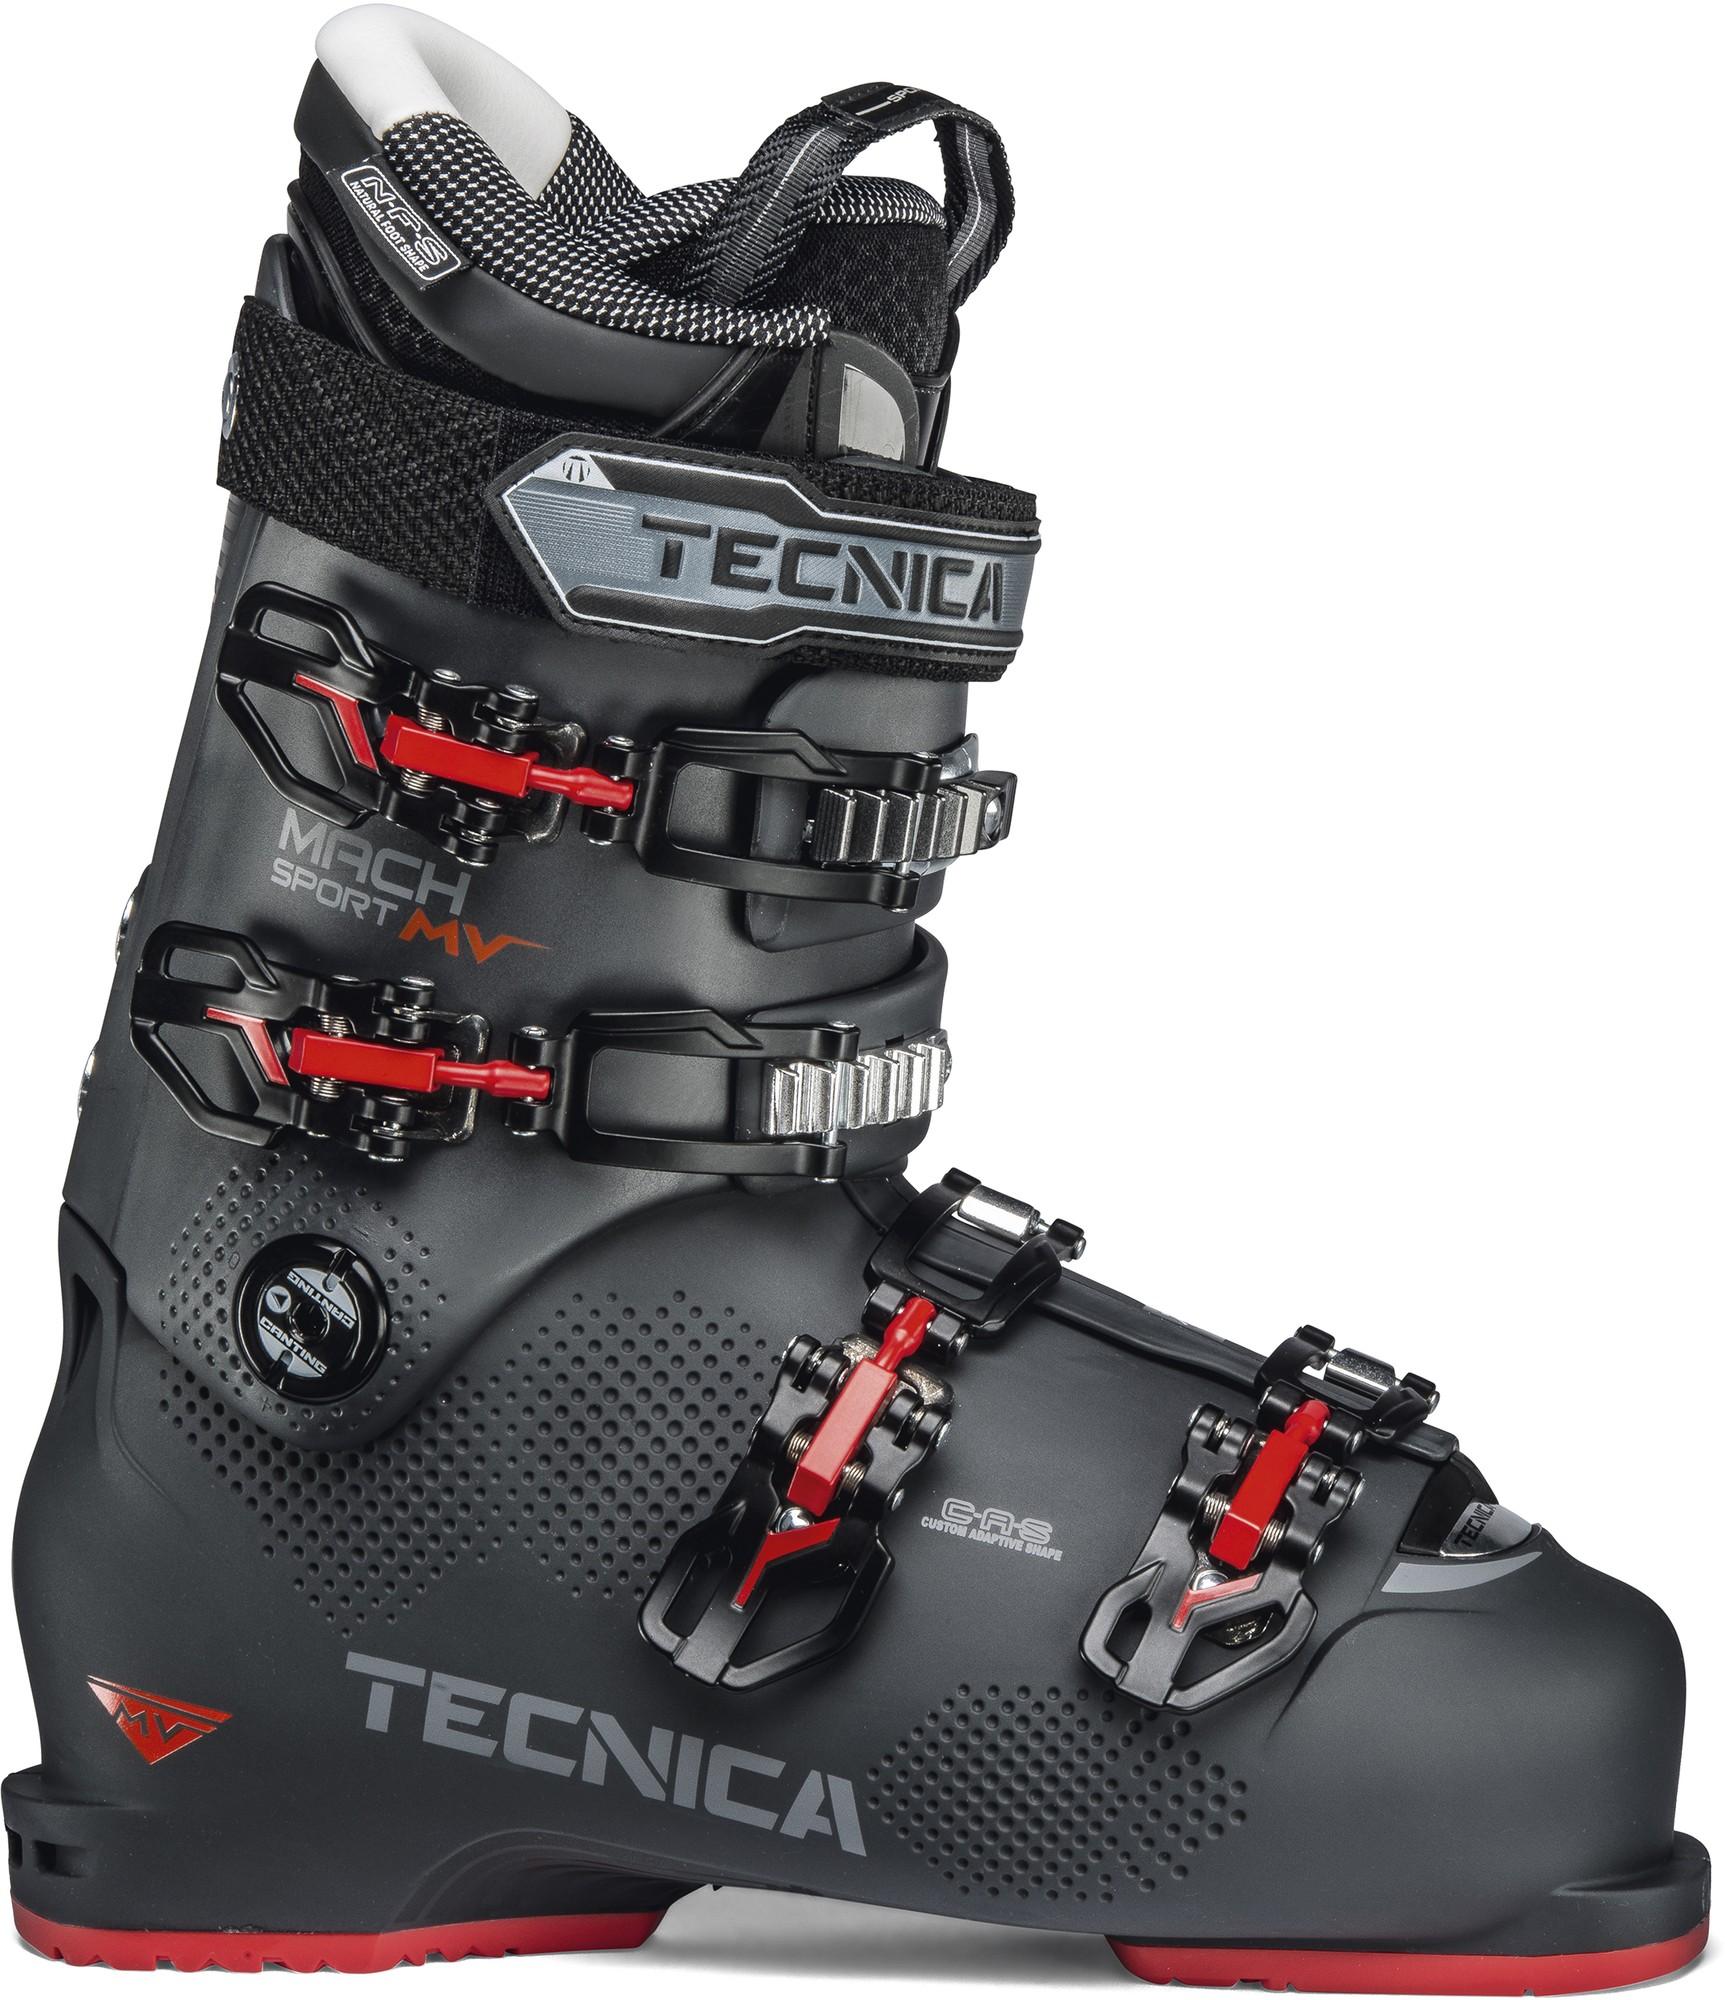 Tecnica Ботинки горнолыжные MACH SPORT MV 100, размер 30 см